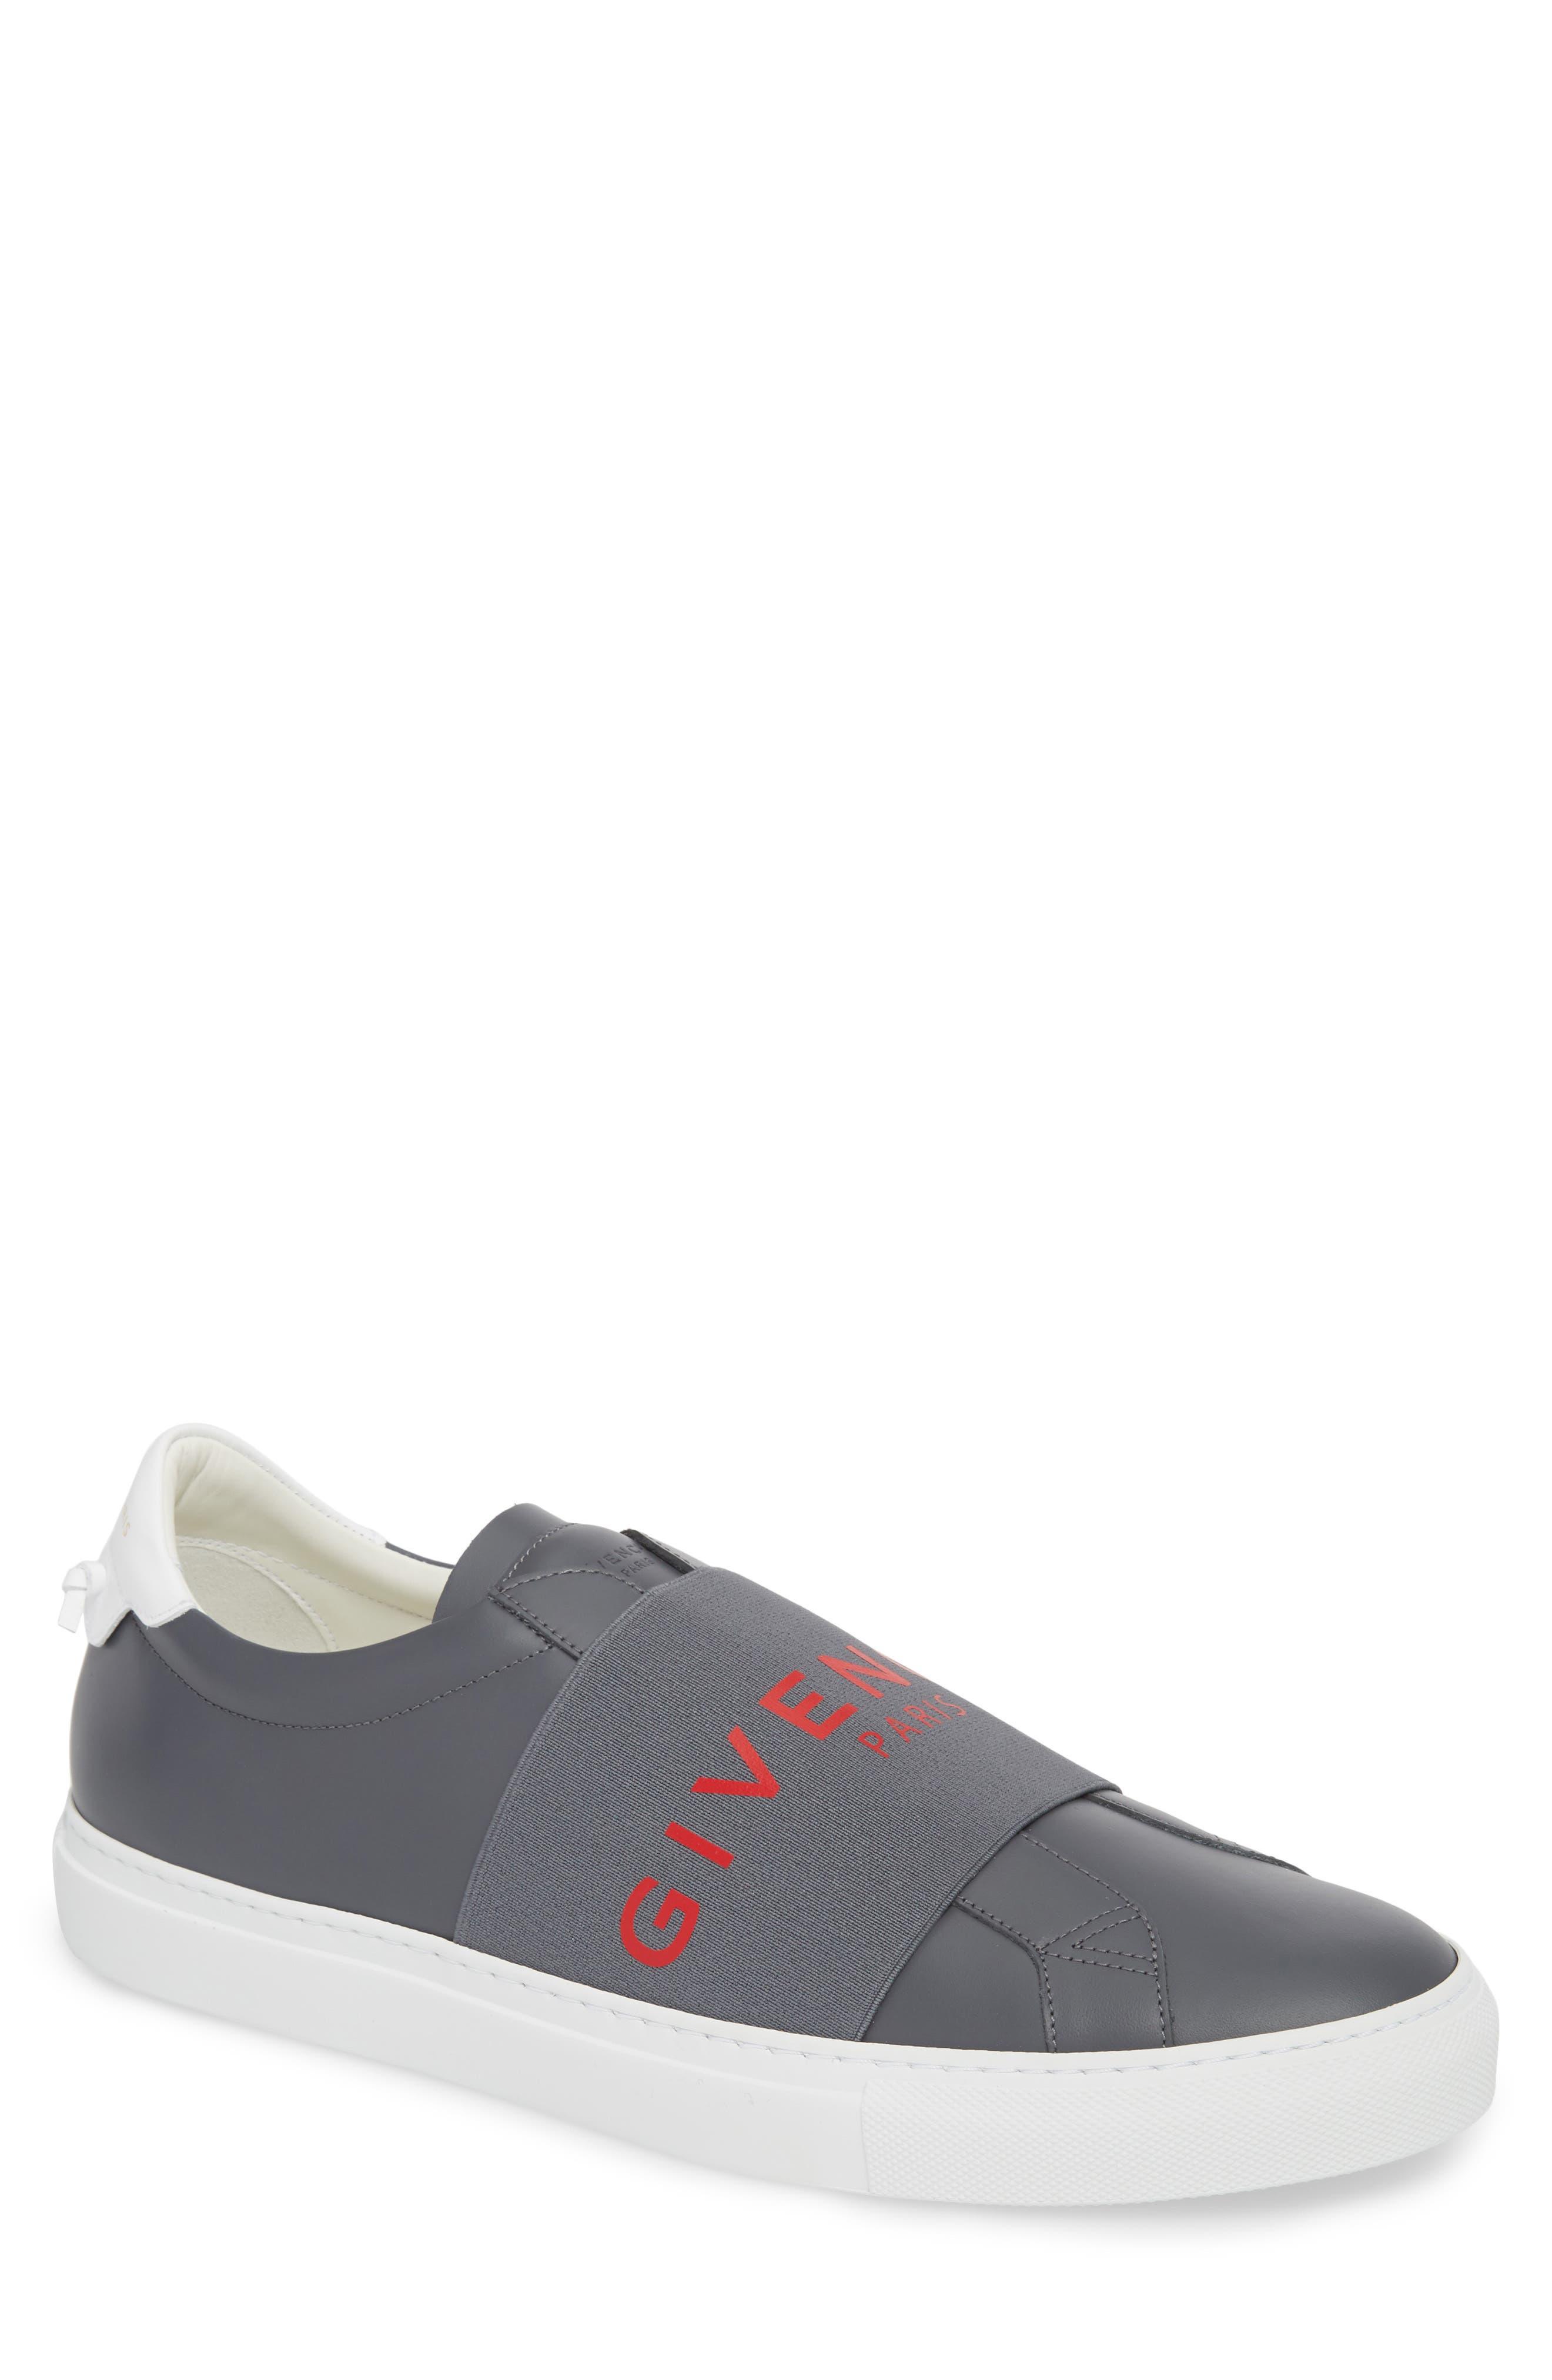 Urban Knots Sneaker,                             Main thumbnail 1, color,                             GREY